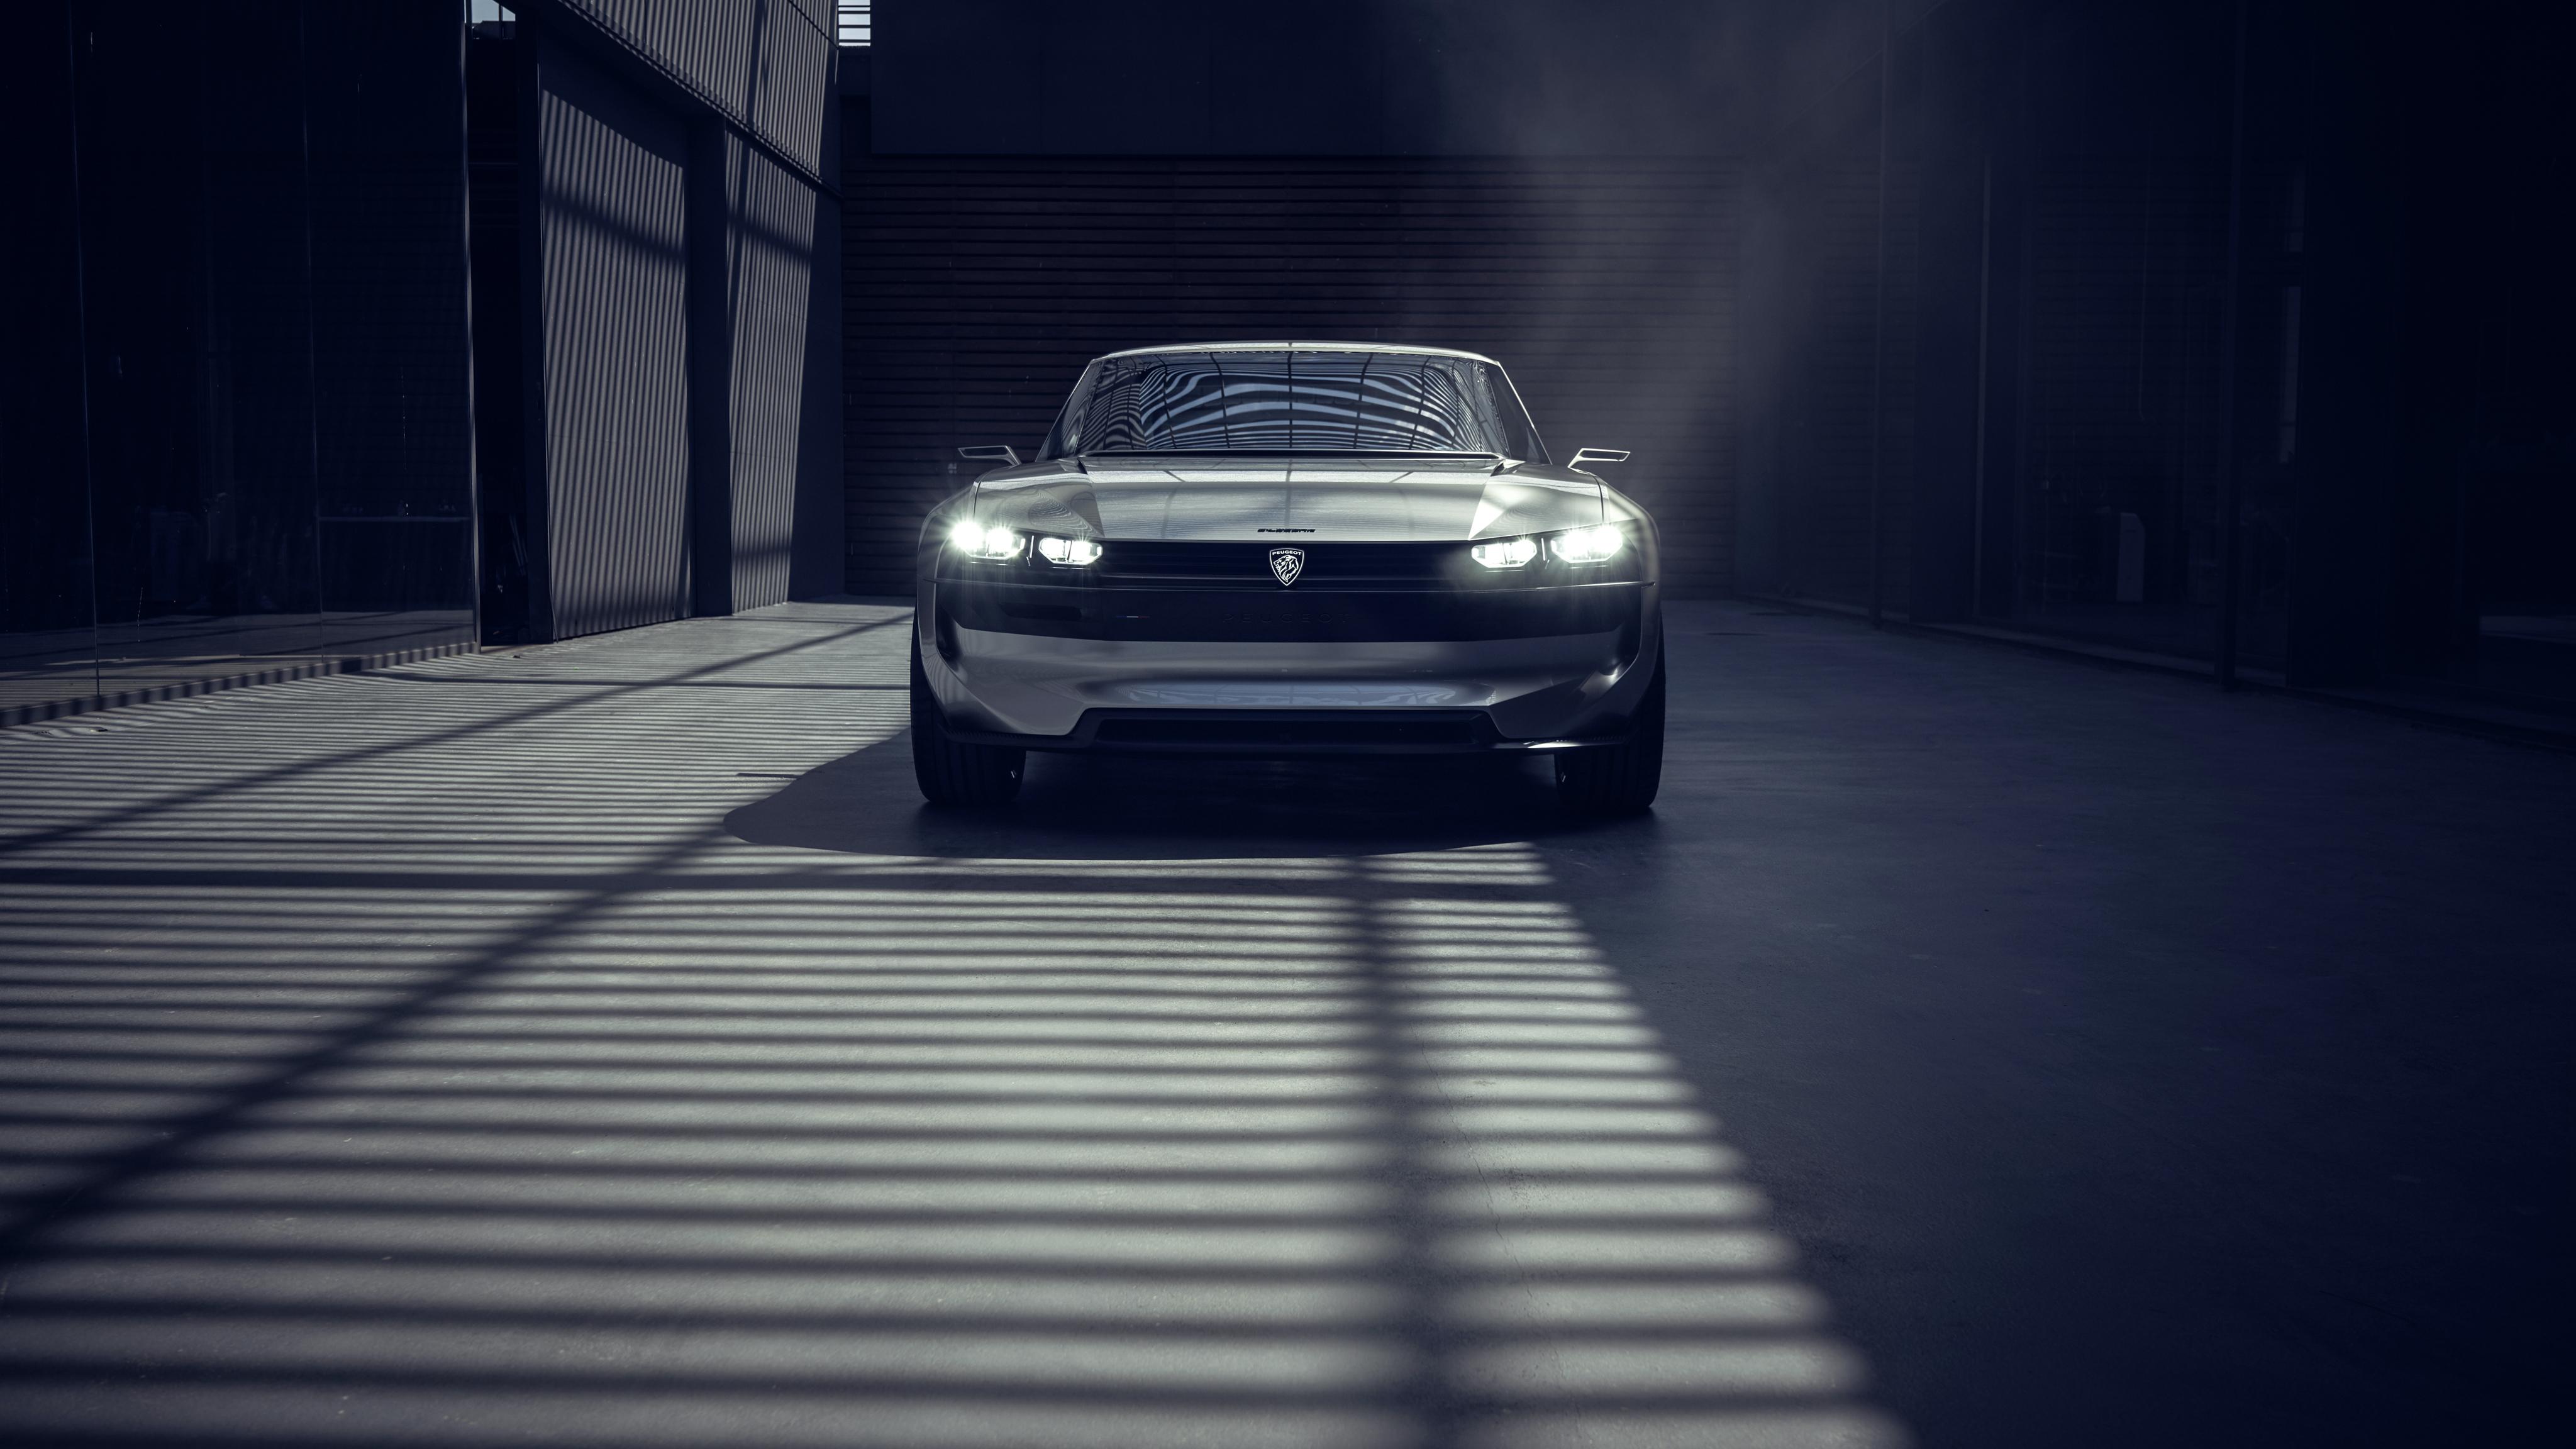 Peugeot E-Legend Concept 4K Wallpapers